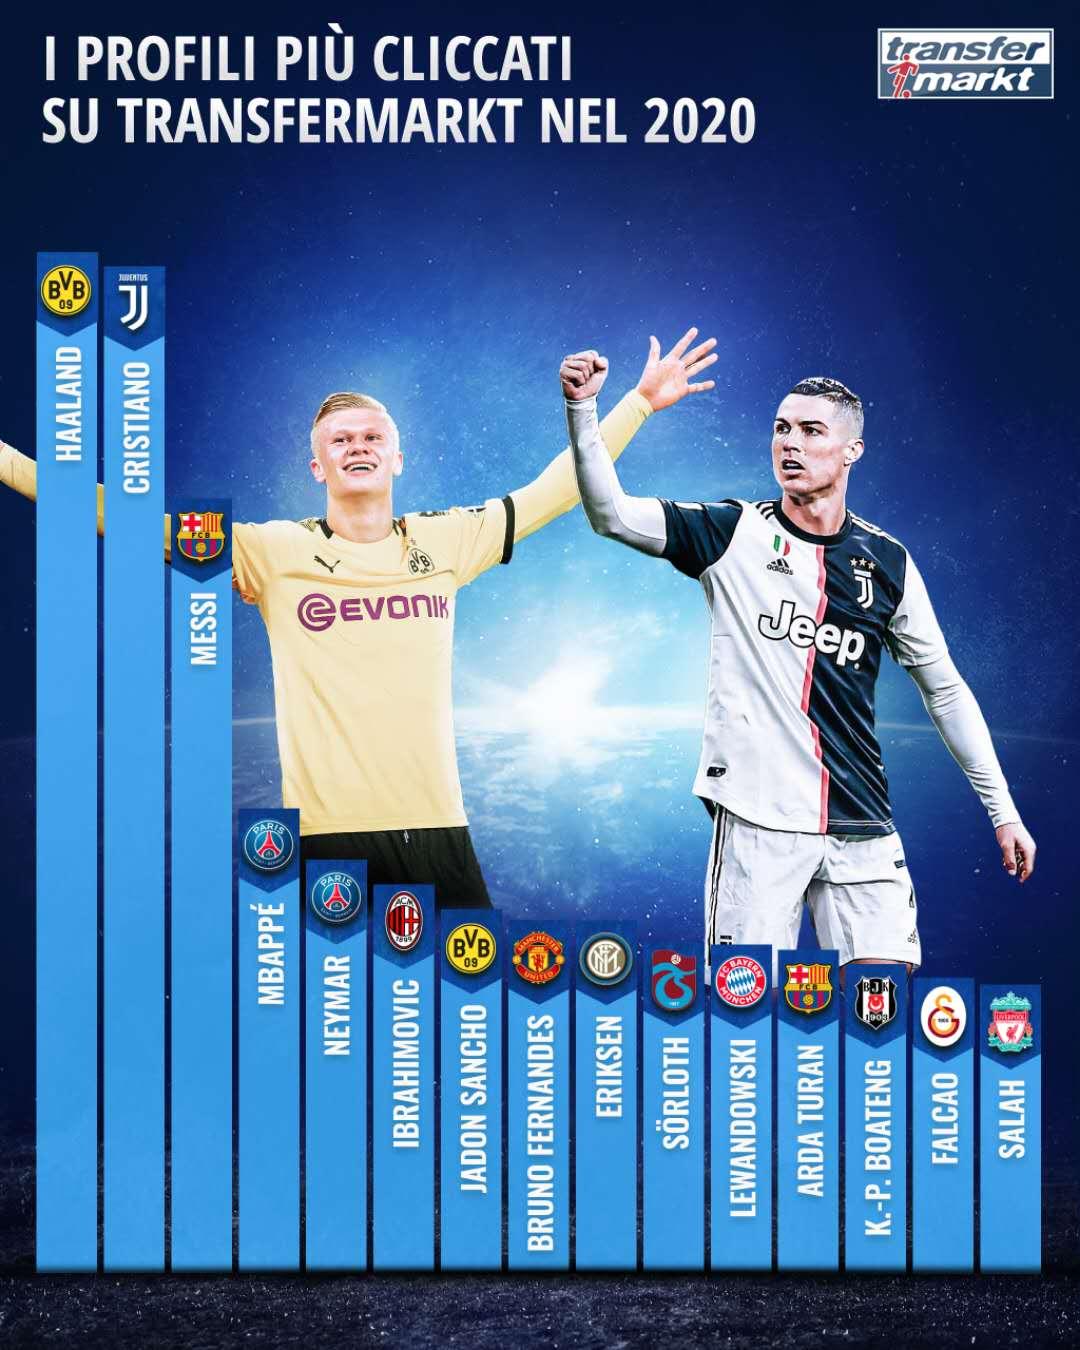 德转2020年度球员页面点击量排走榜:哈兰德力压C罗居始